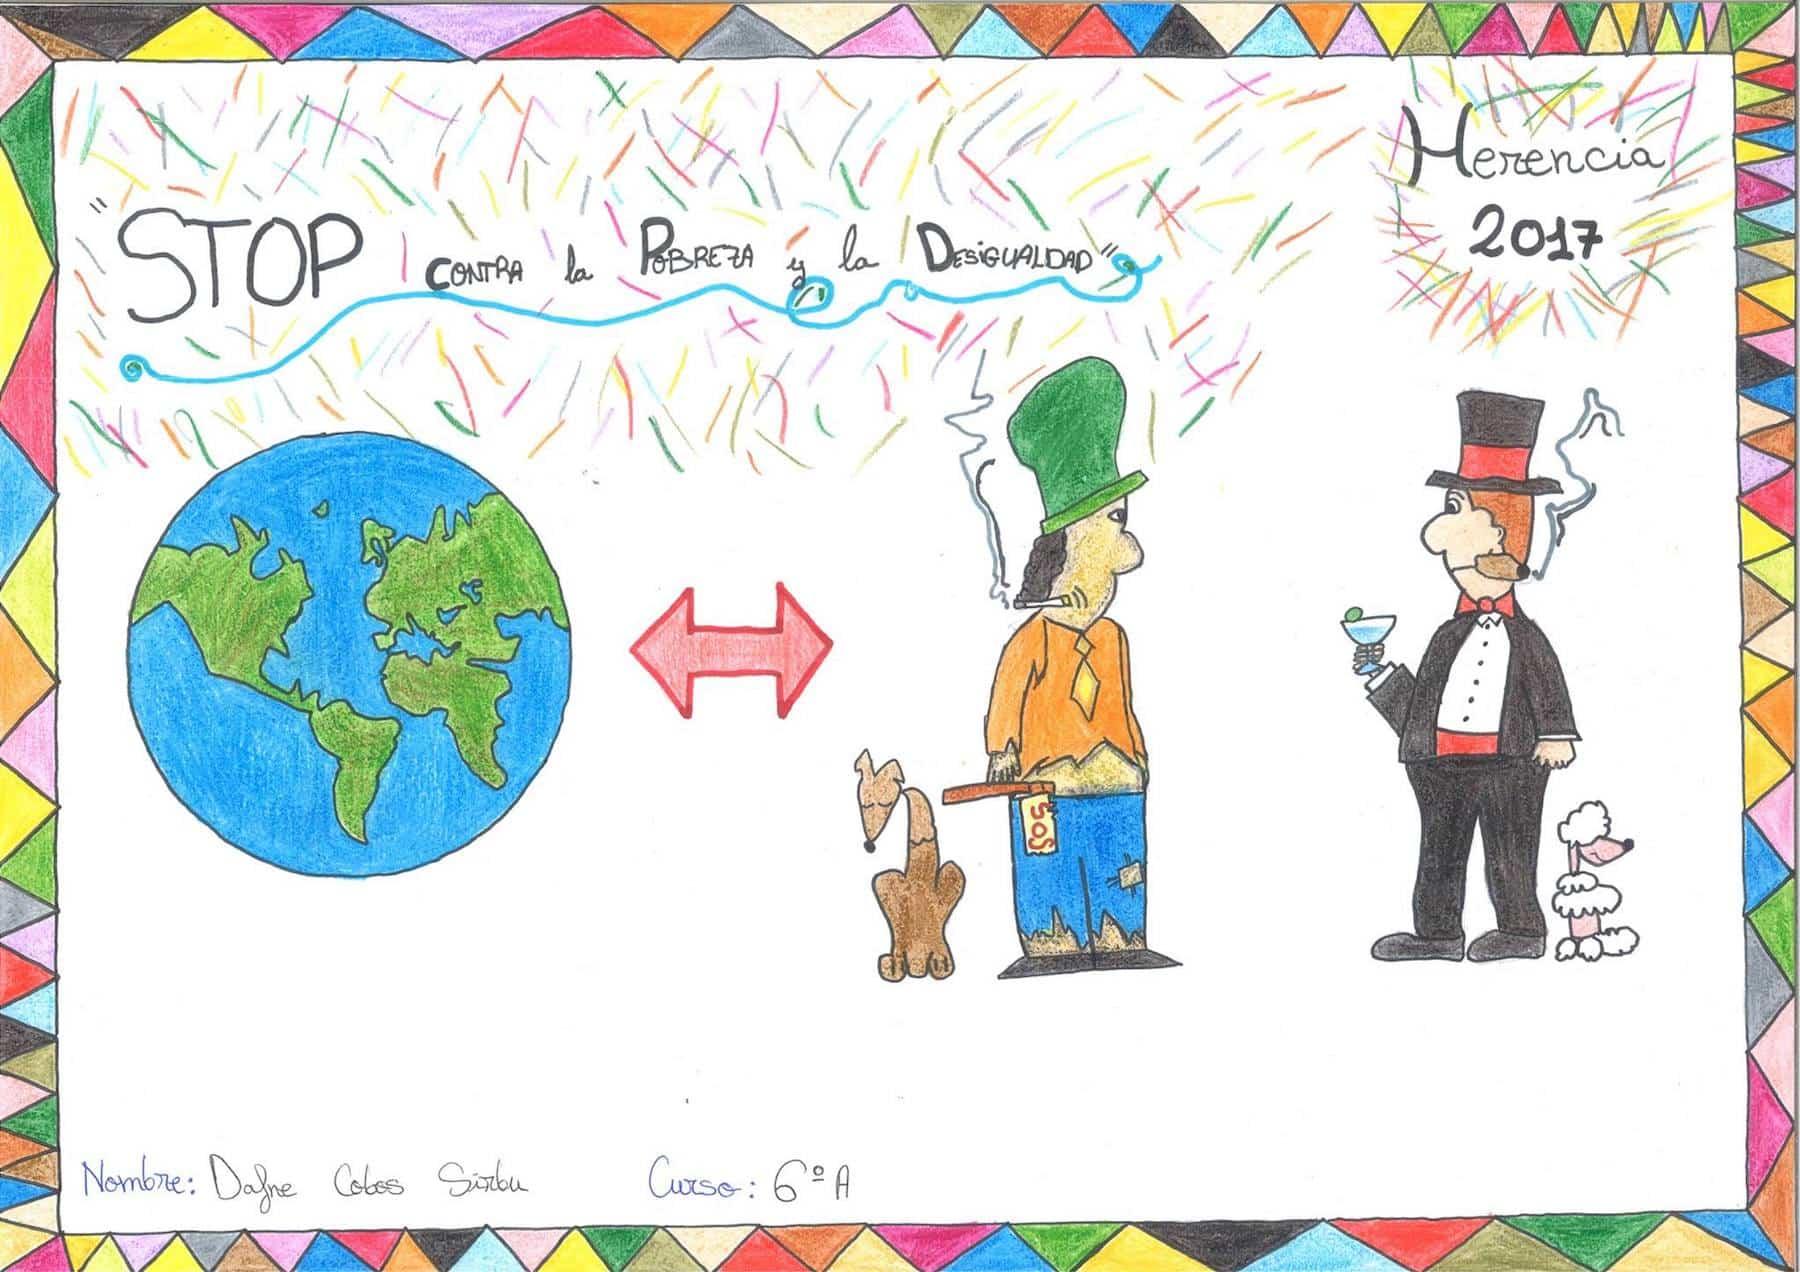 """concurso stop contra la pobreza 2 - Carteles ganadores del concurso """"Stop contra la pobreza"""""""